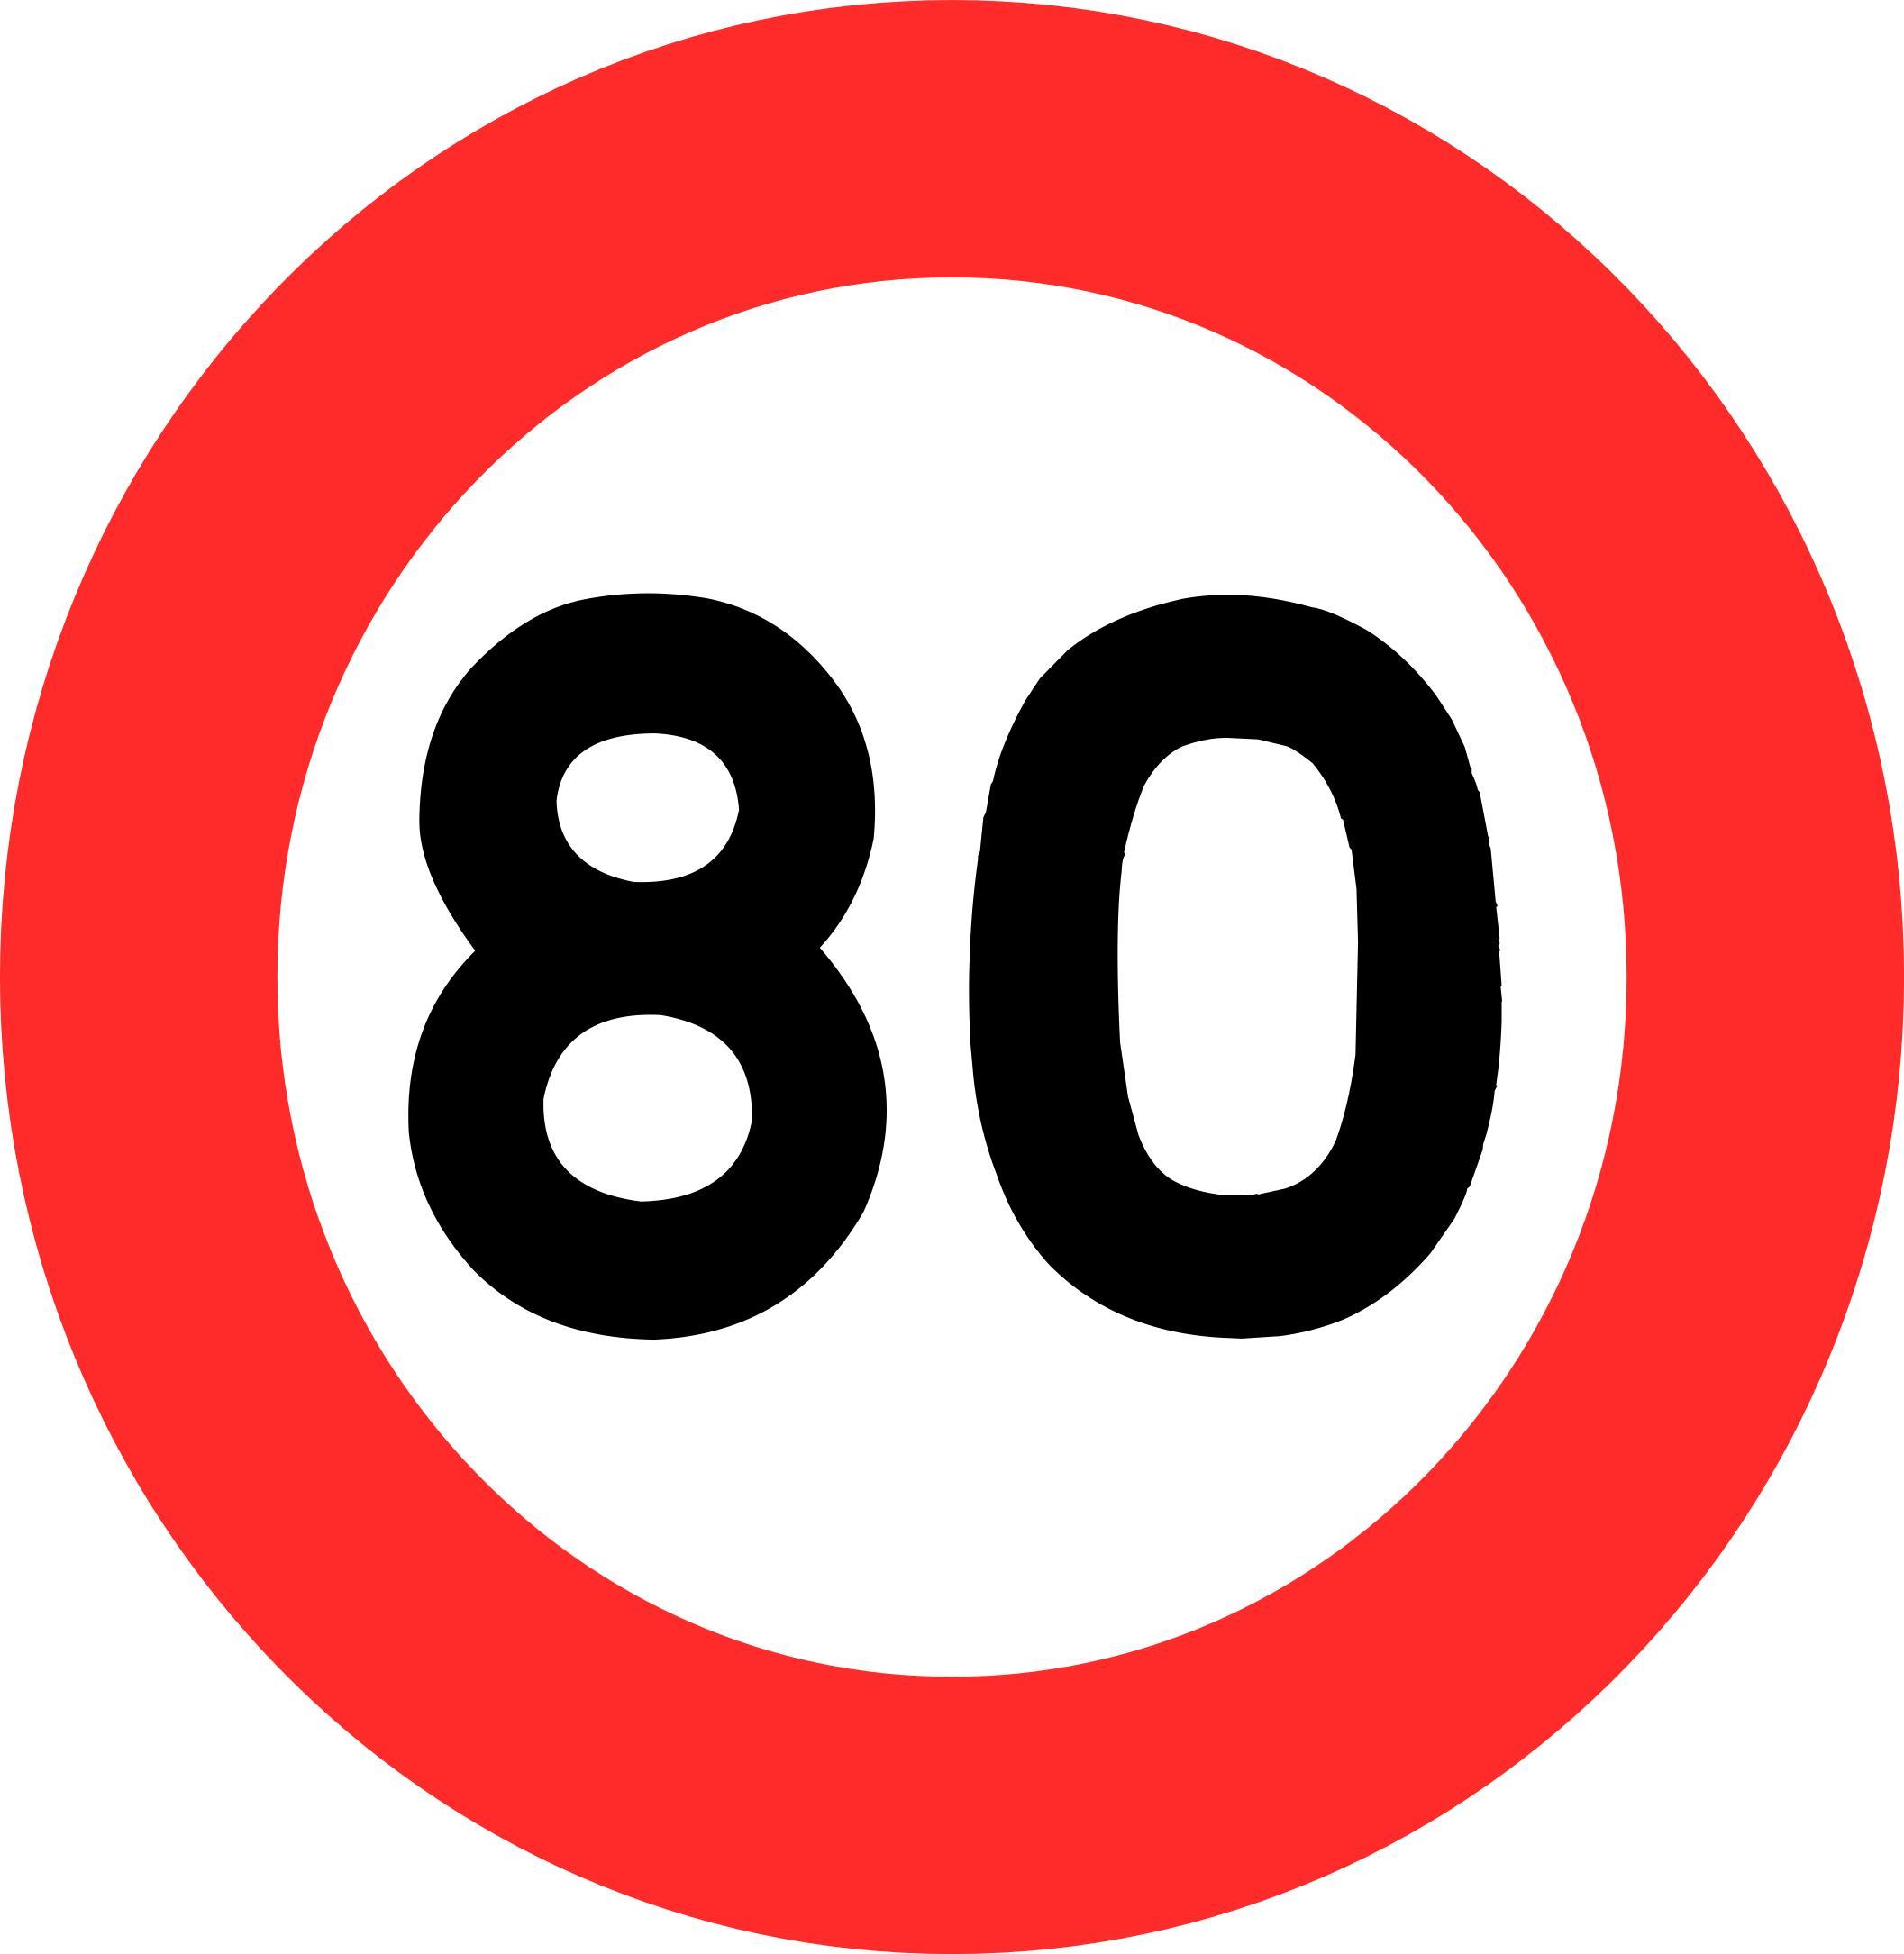 Le nombre 80